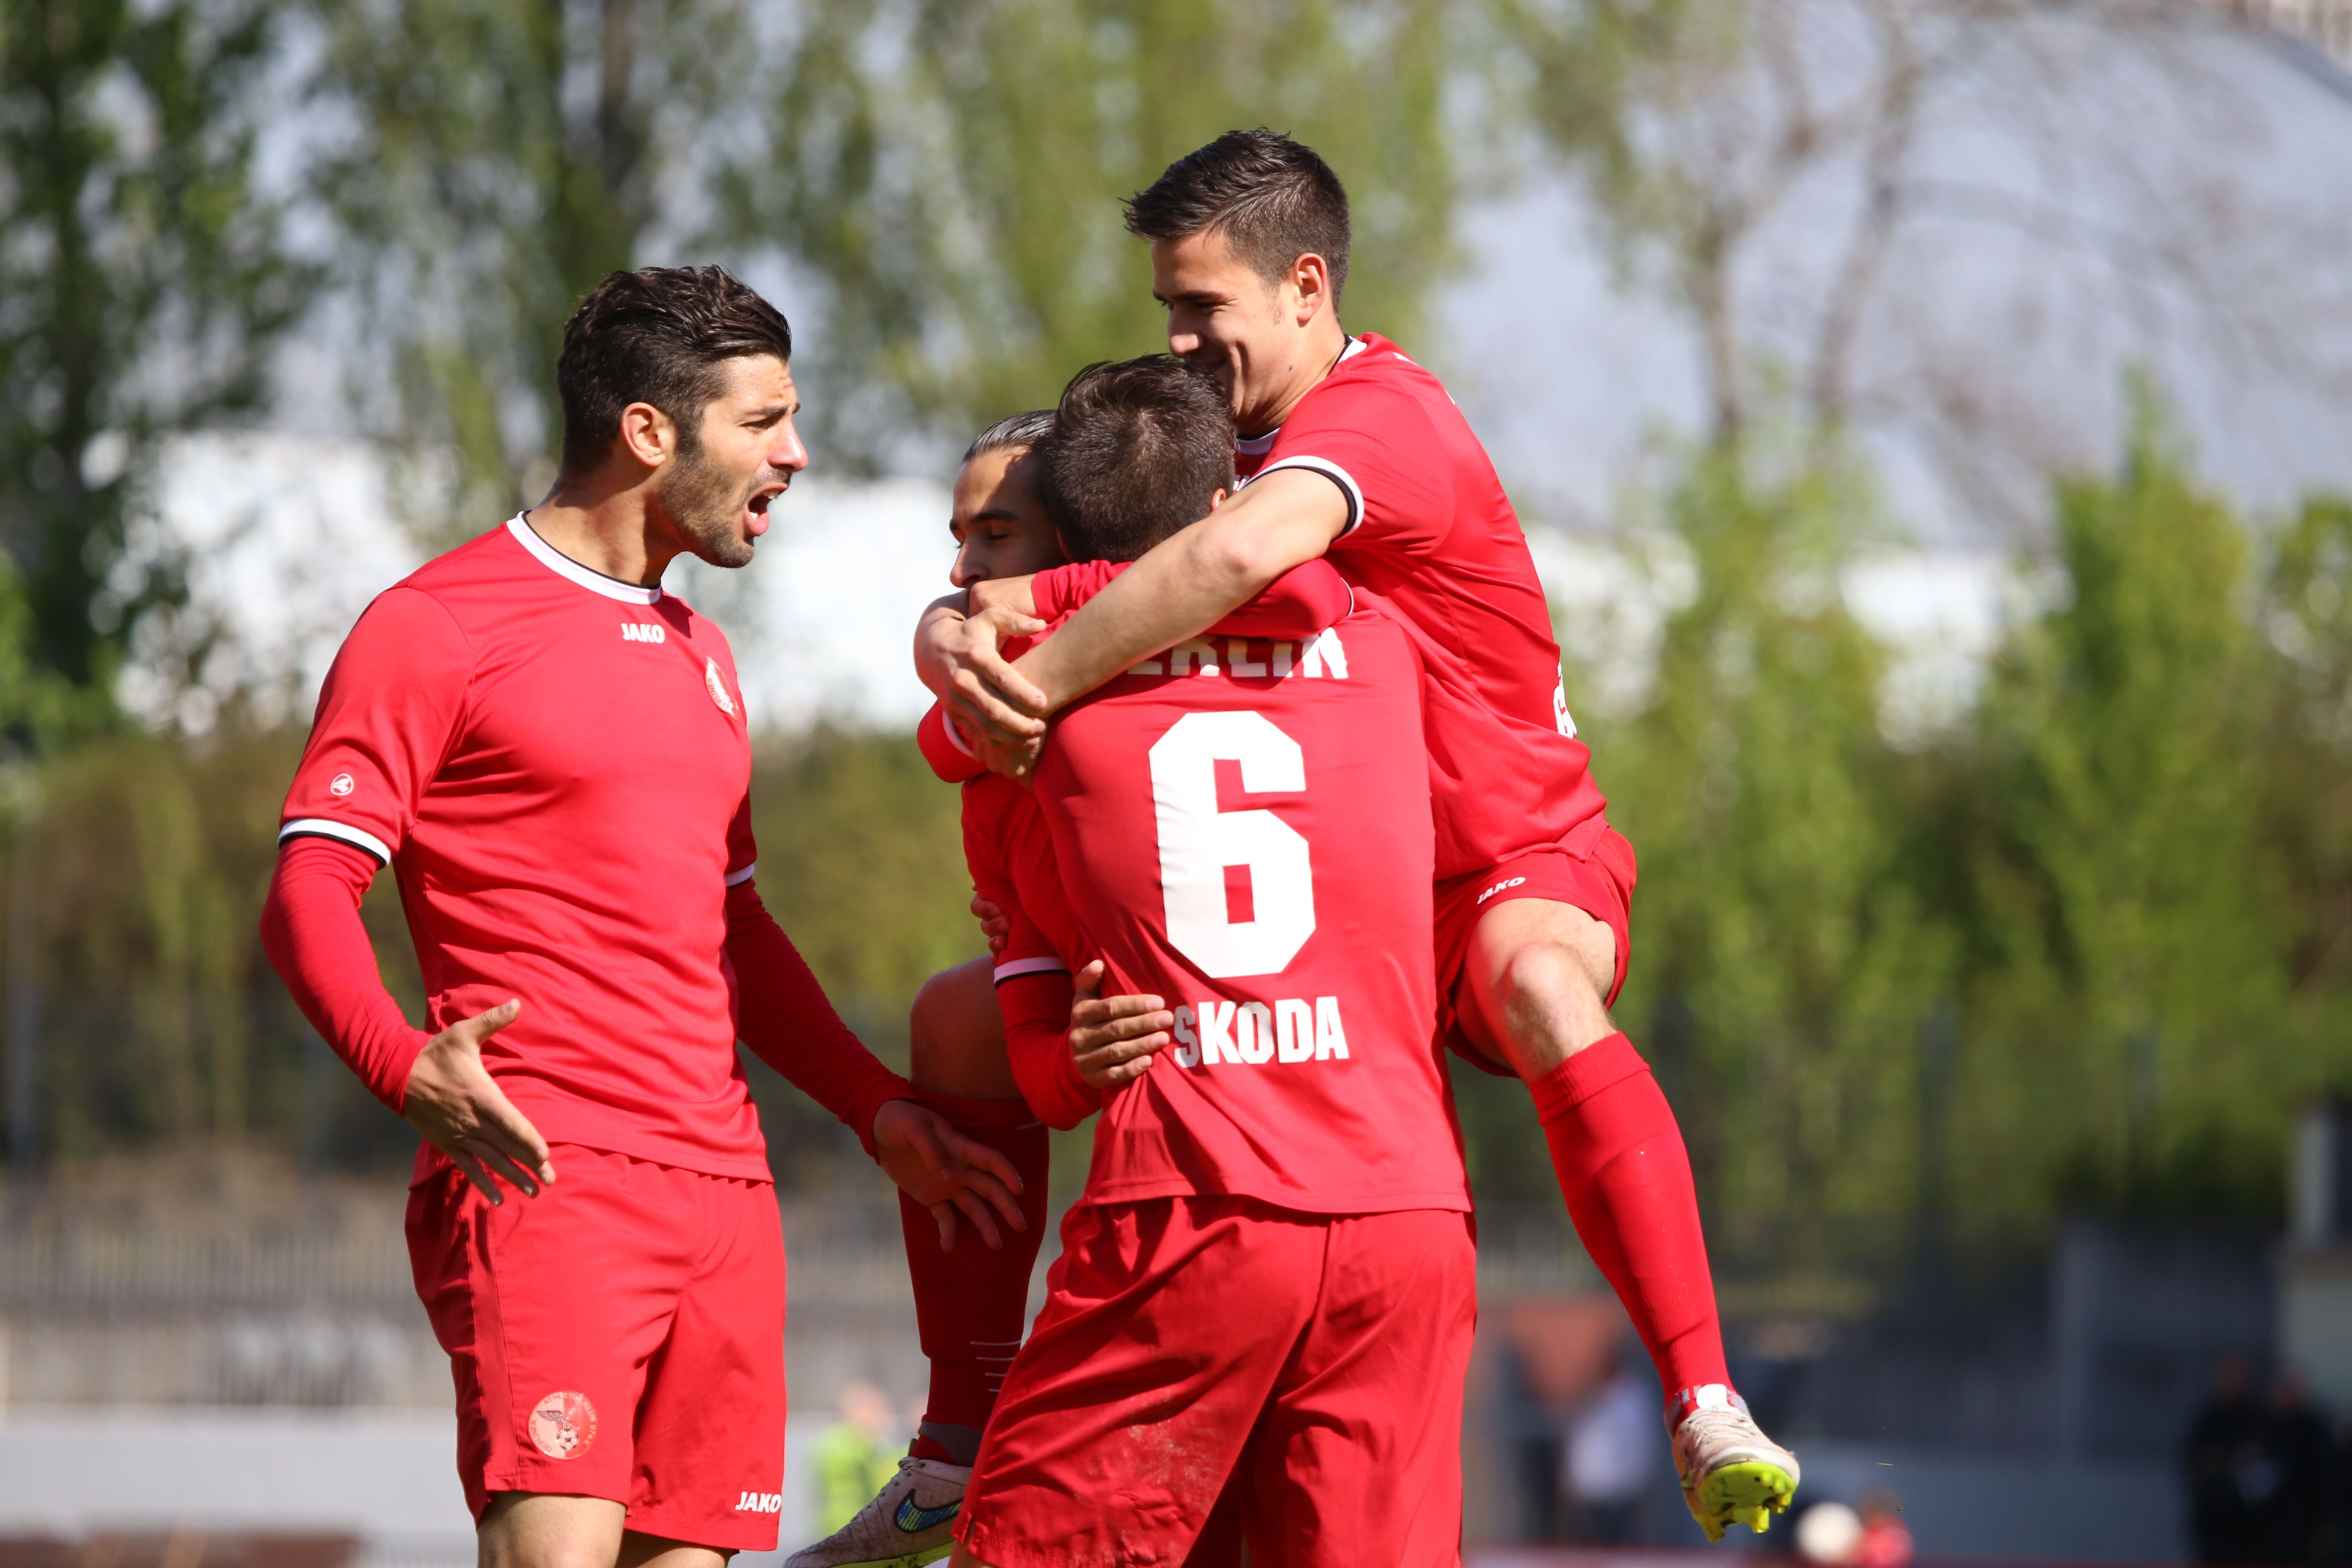 Dafür kommen die Teamkollegen an und feiern den Treffer von #Christian #Skoda ausgiebig.